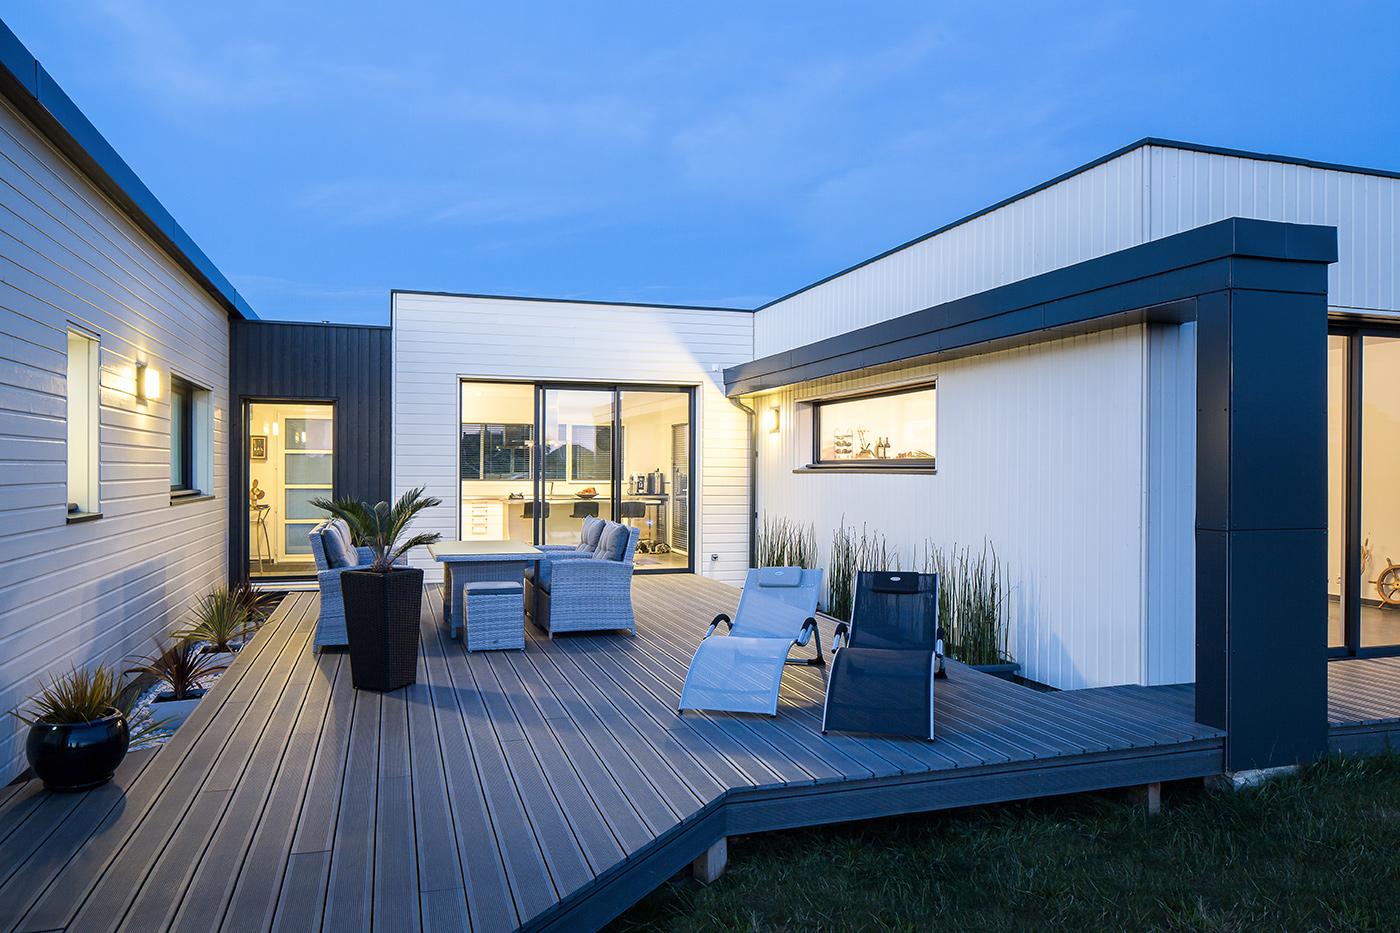 maisons nature bois de style contemporain la maison. Black Bedroom Furniture Sets. Home Design Ideas